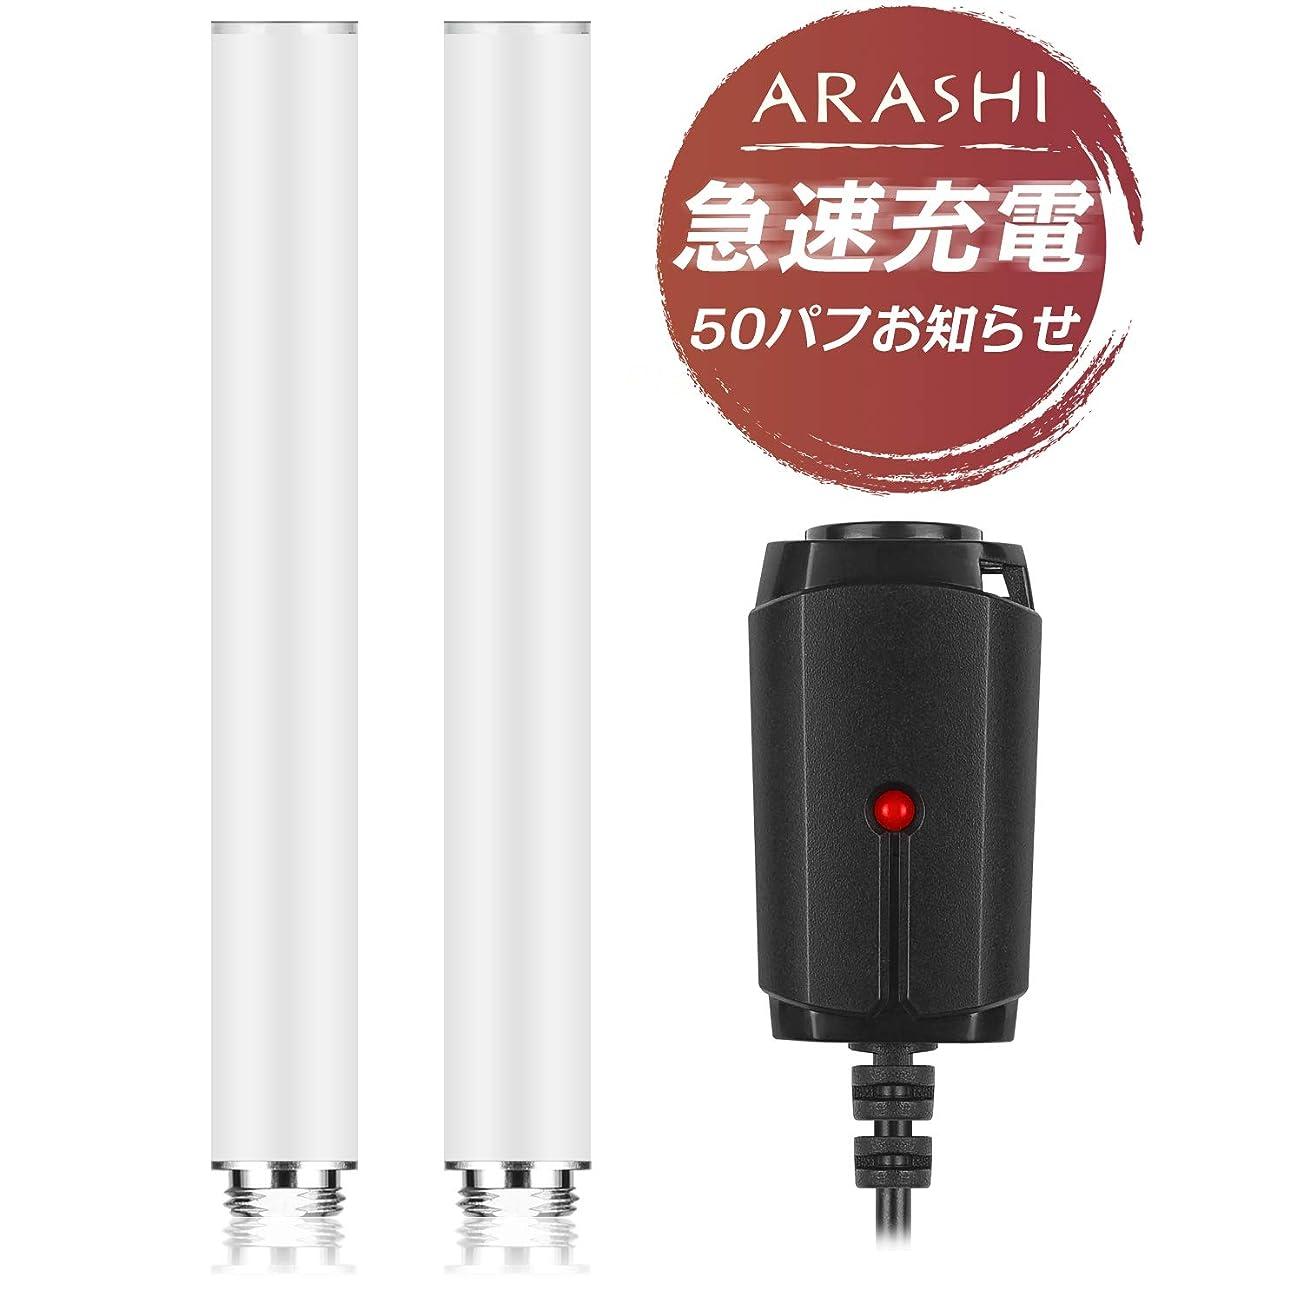 対話格差少しARASHI プルームテック互換 バッテリー 350mAh 大容量 改良版 急速充電 50パフLEDお知らせ機能搭載 2本入り P350S[ホワイト]